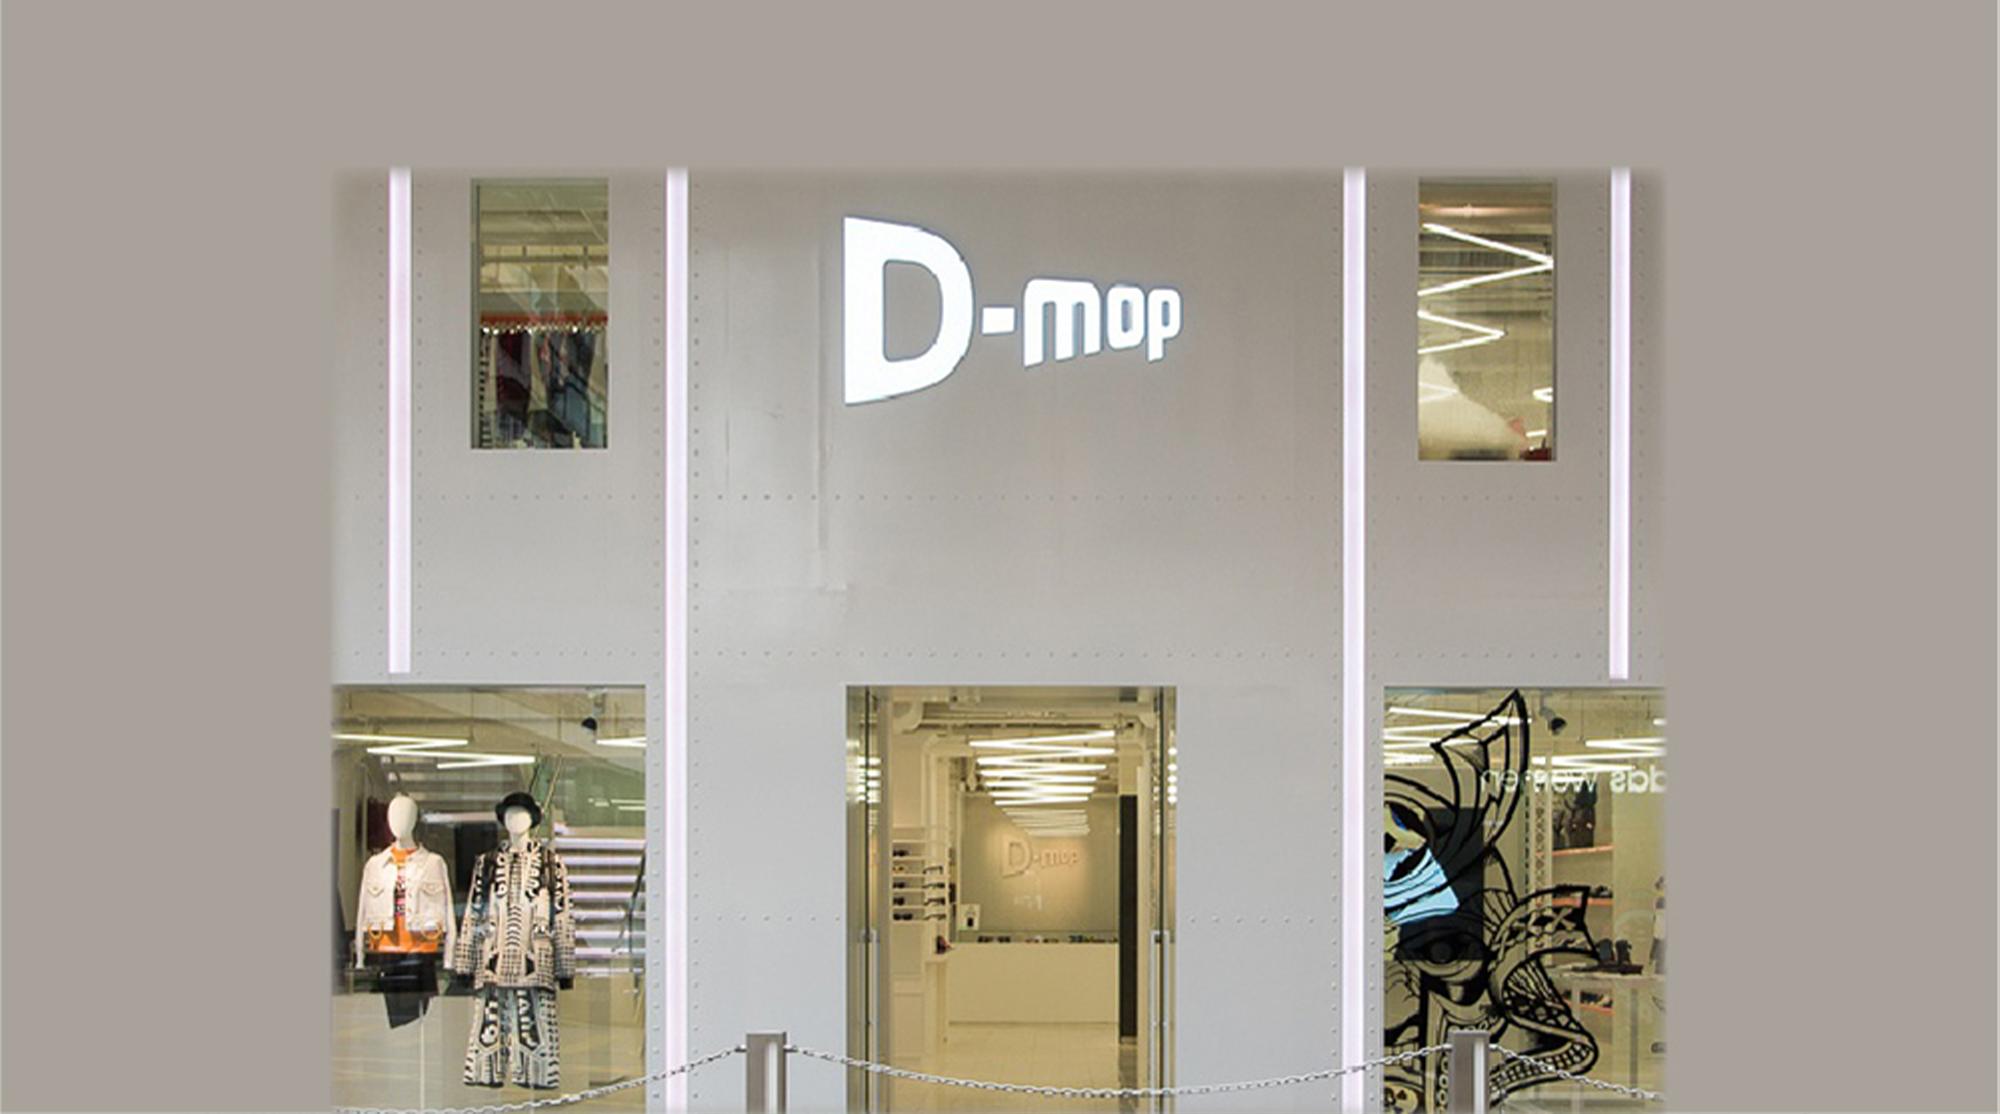 D-mop: 購買正價貨品可享九折,減價貨品可享九五折 @...